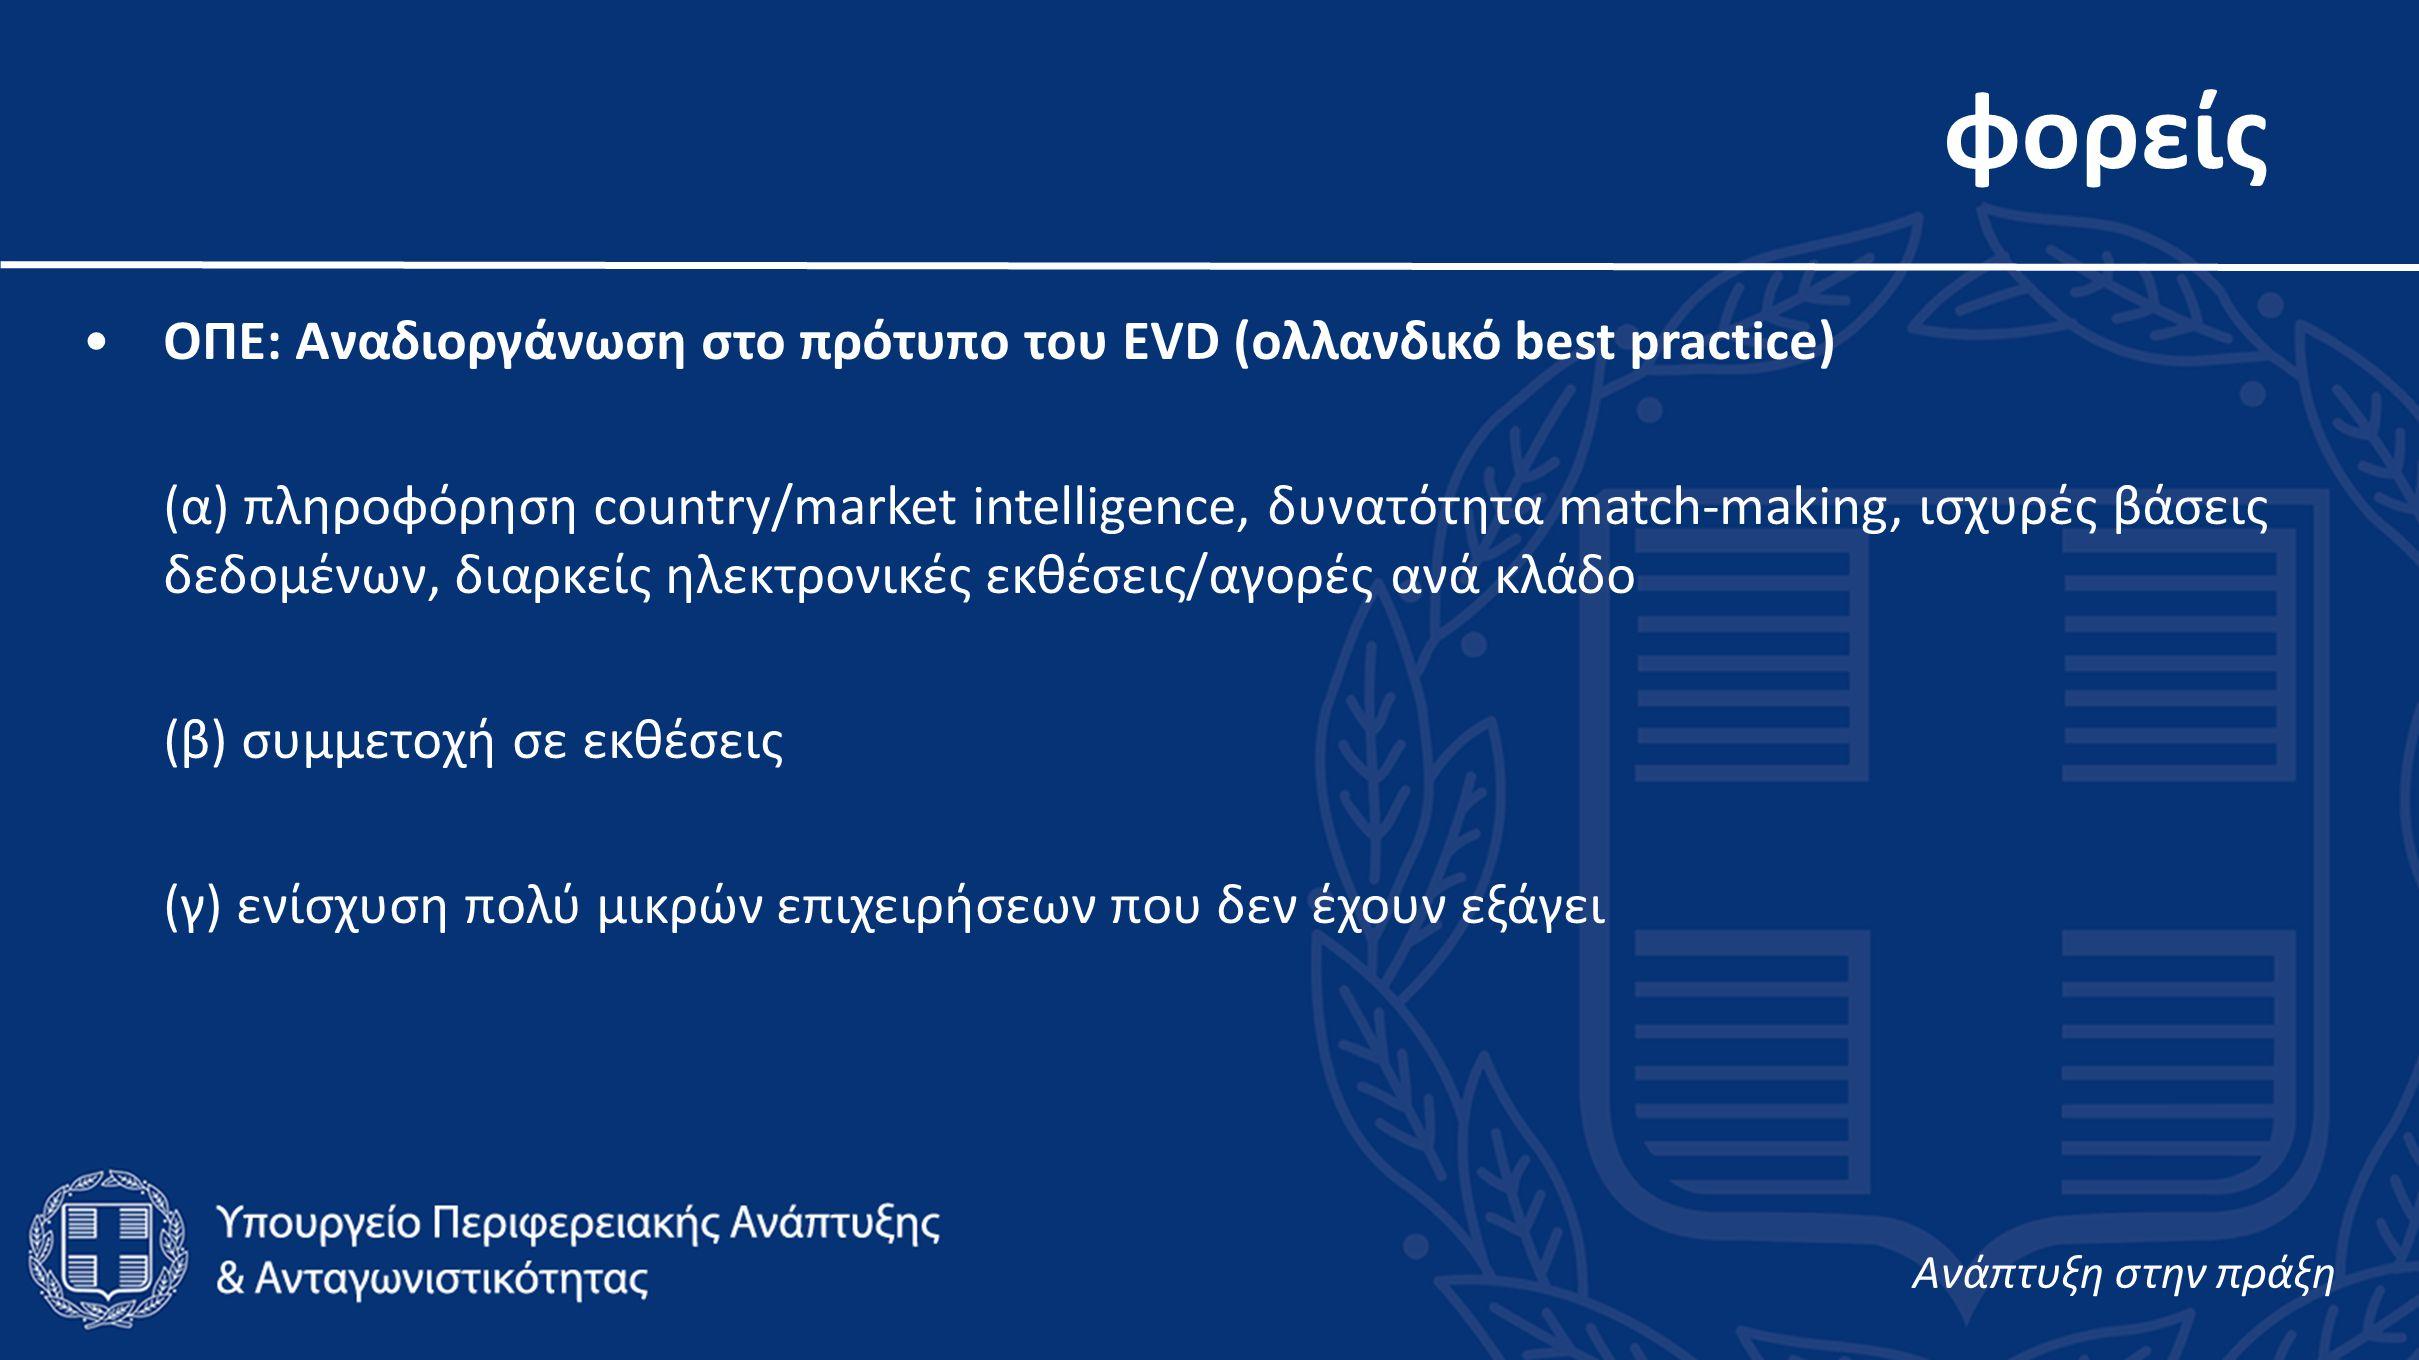 φορείς •ΟΠΕ: Αναδιοργάνωση στο πρότυπο του EVD (ολλανδικό best practice) (α) πληροφόρηση country/market intelligence, δυνατότητα match-making, ισχυρές βάσεις δεδομένων, διαρκείς ηλεκτρονικές εκθέσεις/αγορές ανά κλάδο (β) συμμετοχή σε εκθέσεις (γ) ενίσχυση πολύ μικρών επιχειρήσεων που δεν έχουν εξάγει Aνάπτυξη στην πράξη